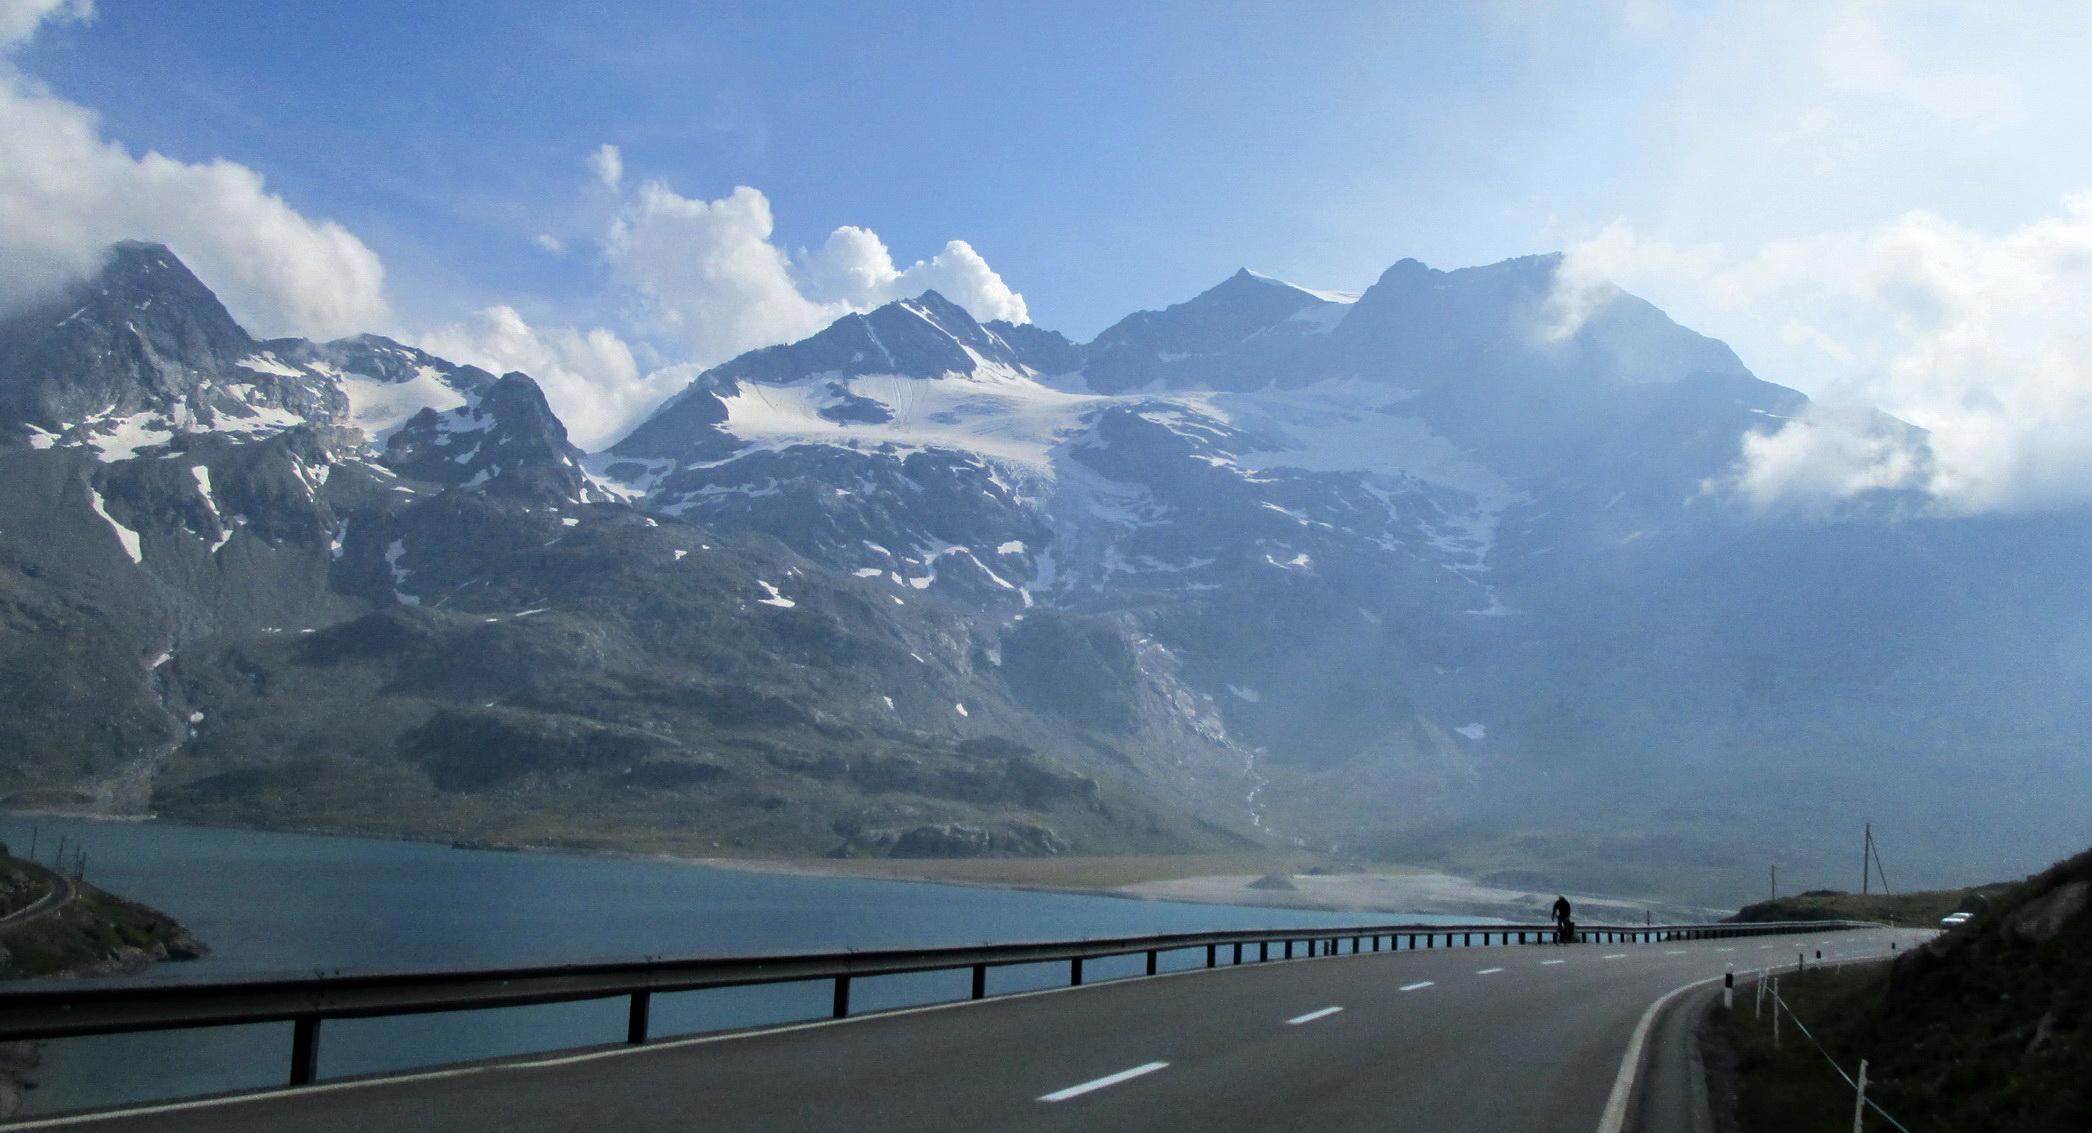 pohľad_priamo_z_cesty_cez_Passo_Bernina,_celý_hrebeň_od_sedla_vľavo_smerom_doprava